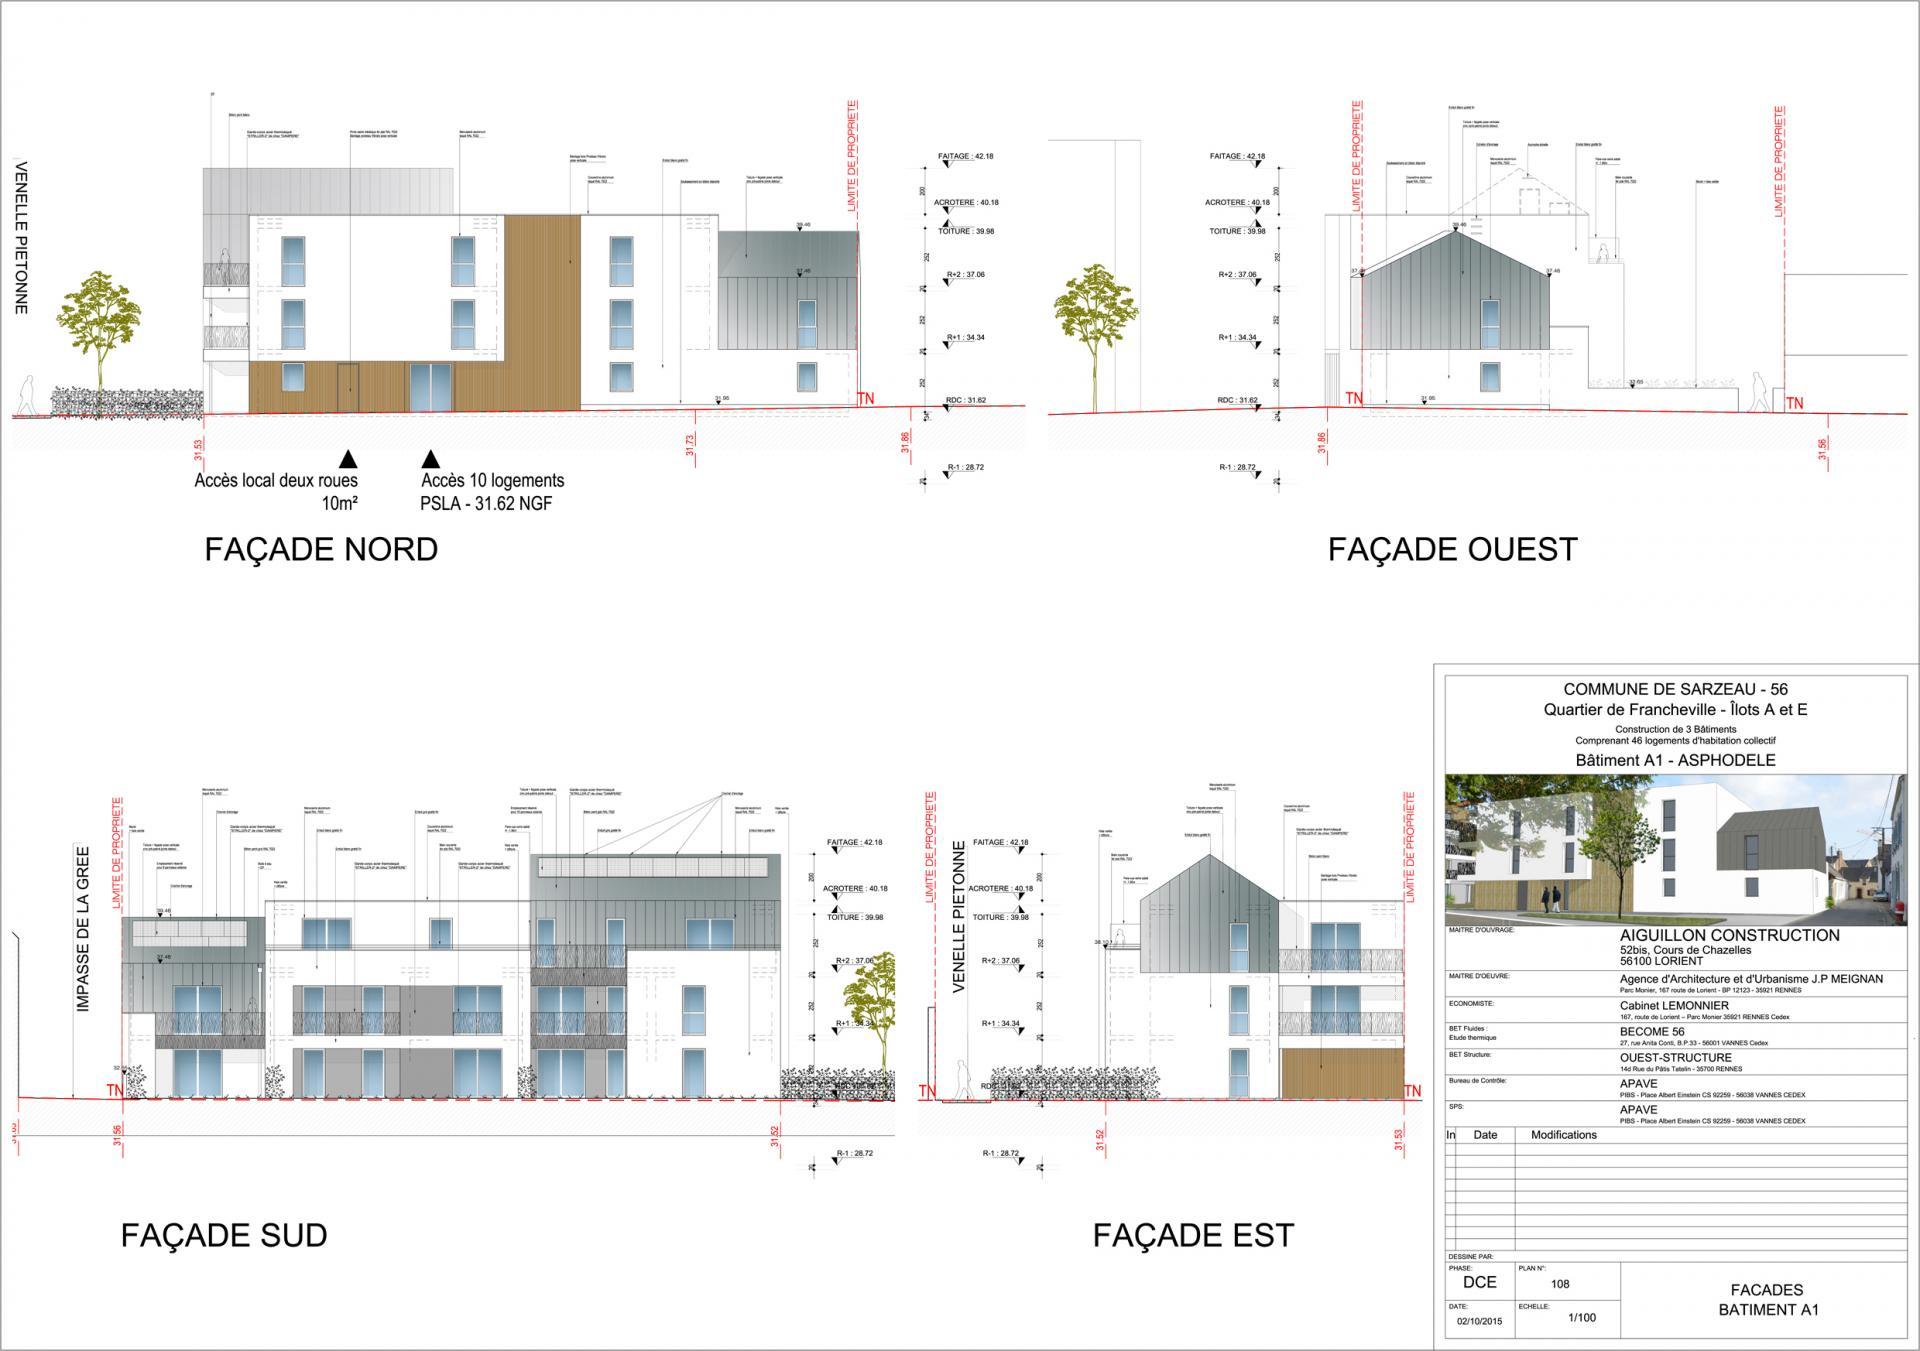 Sarz dce a1 108 facades